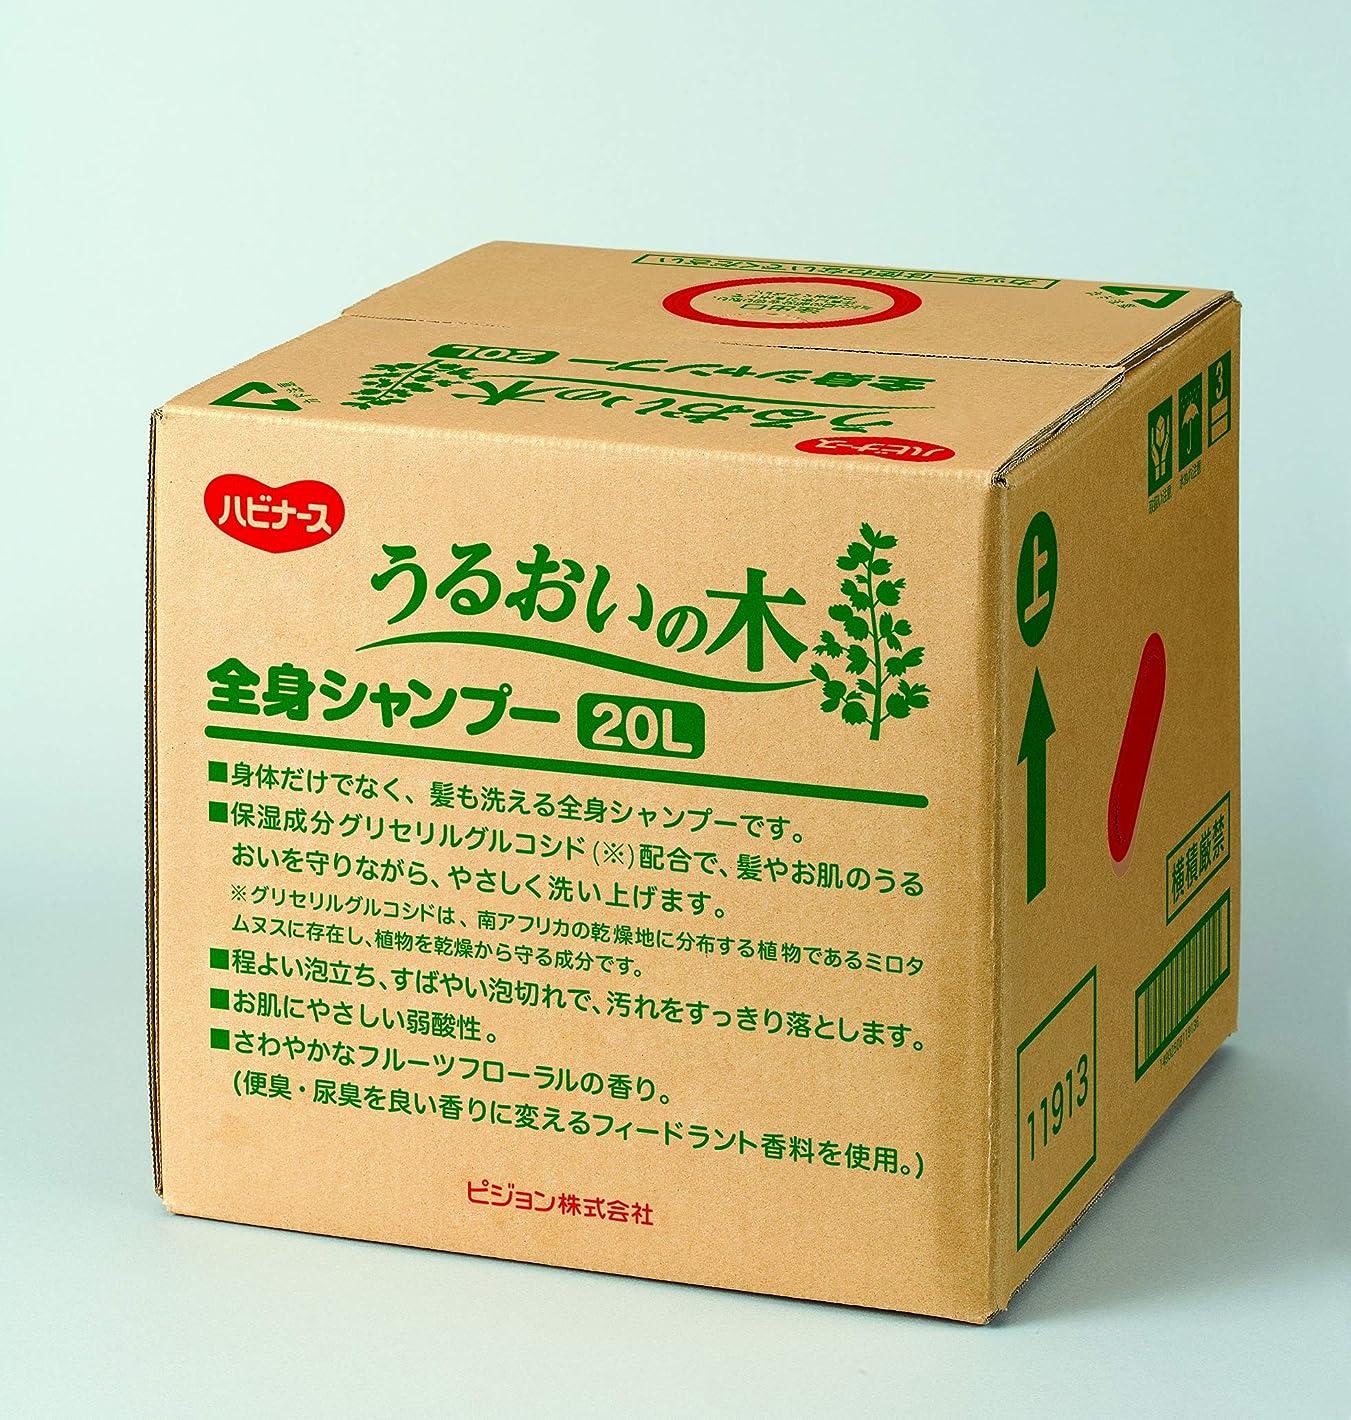 バラエティ支店マグうるおいの木 全身シャンプー 20L